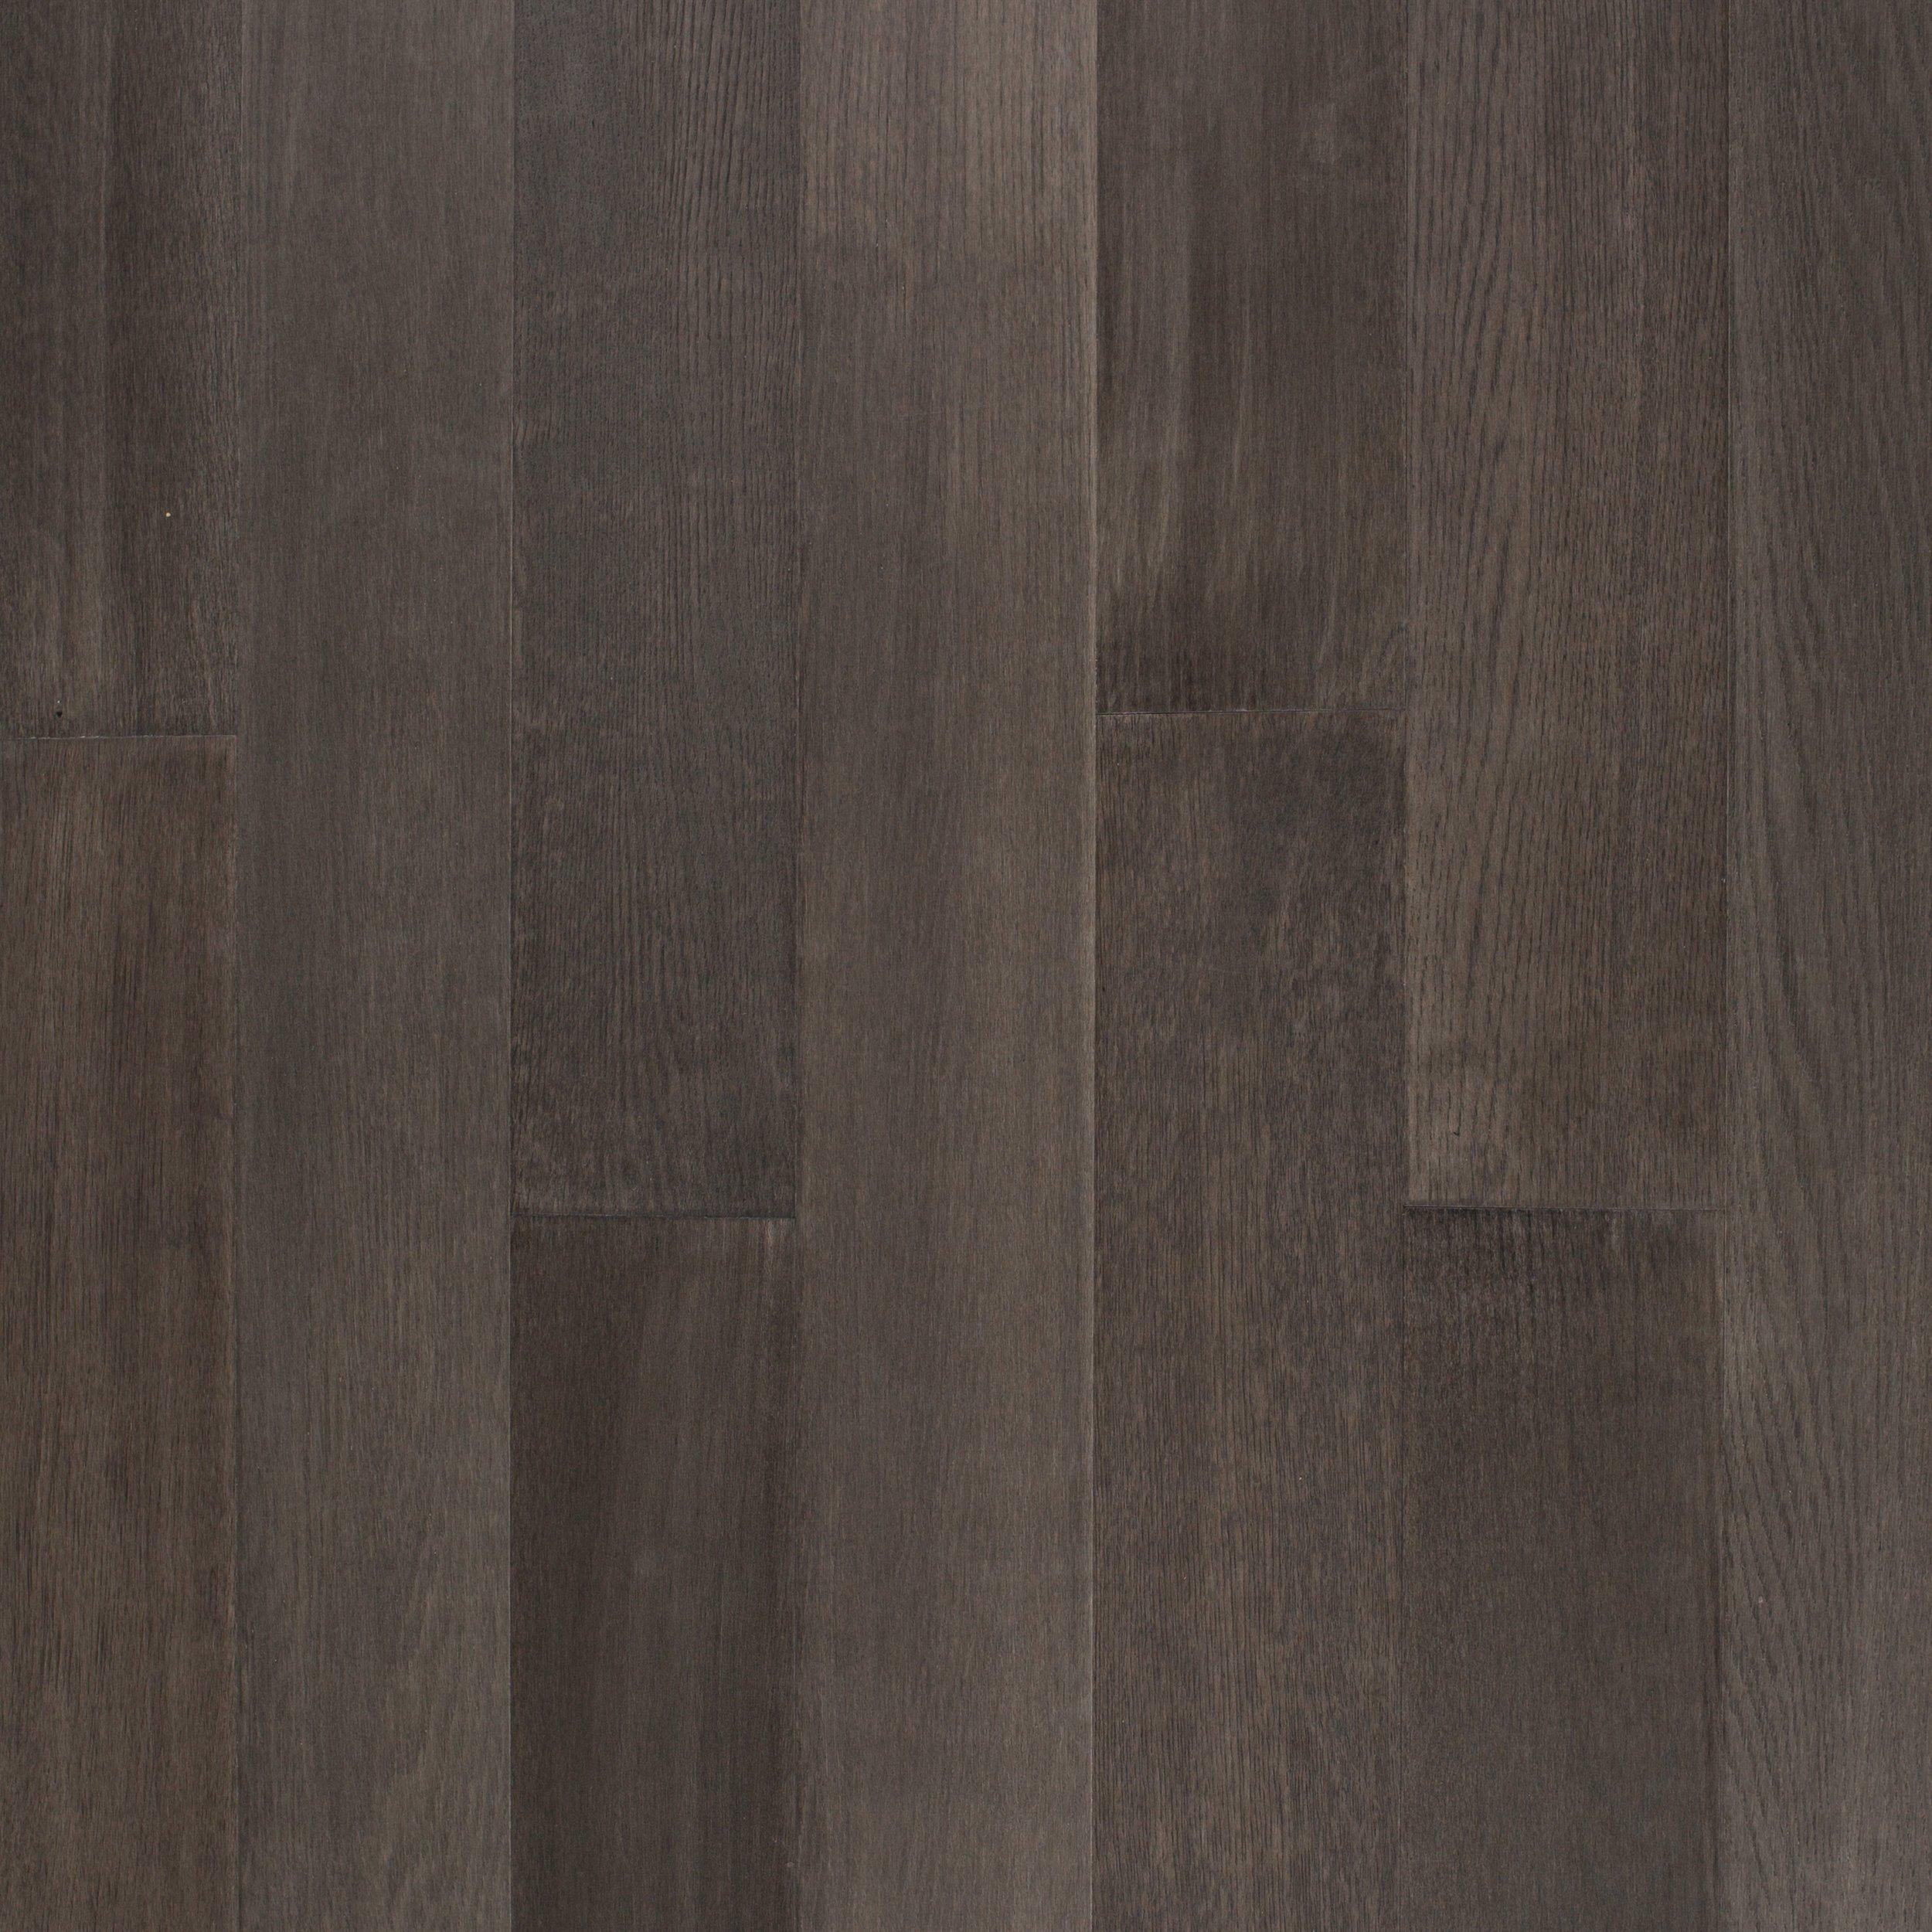 Engineered Hardwood Flooring Floor Amp Decor